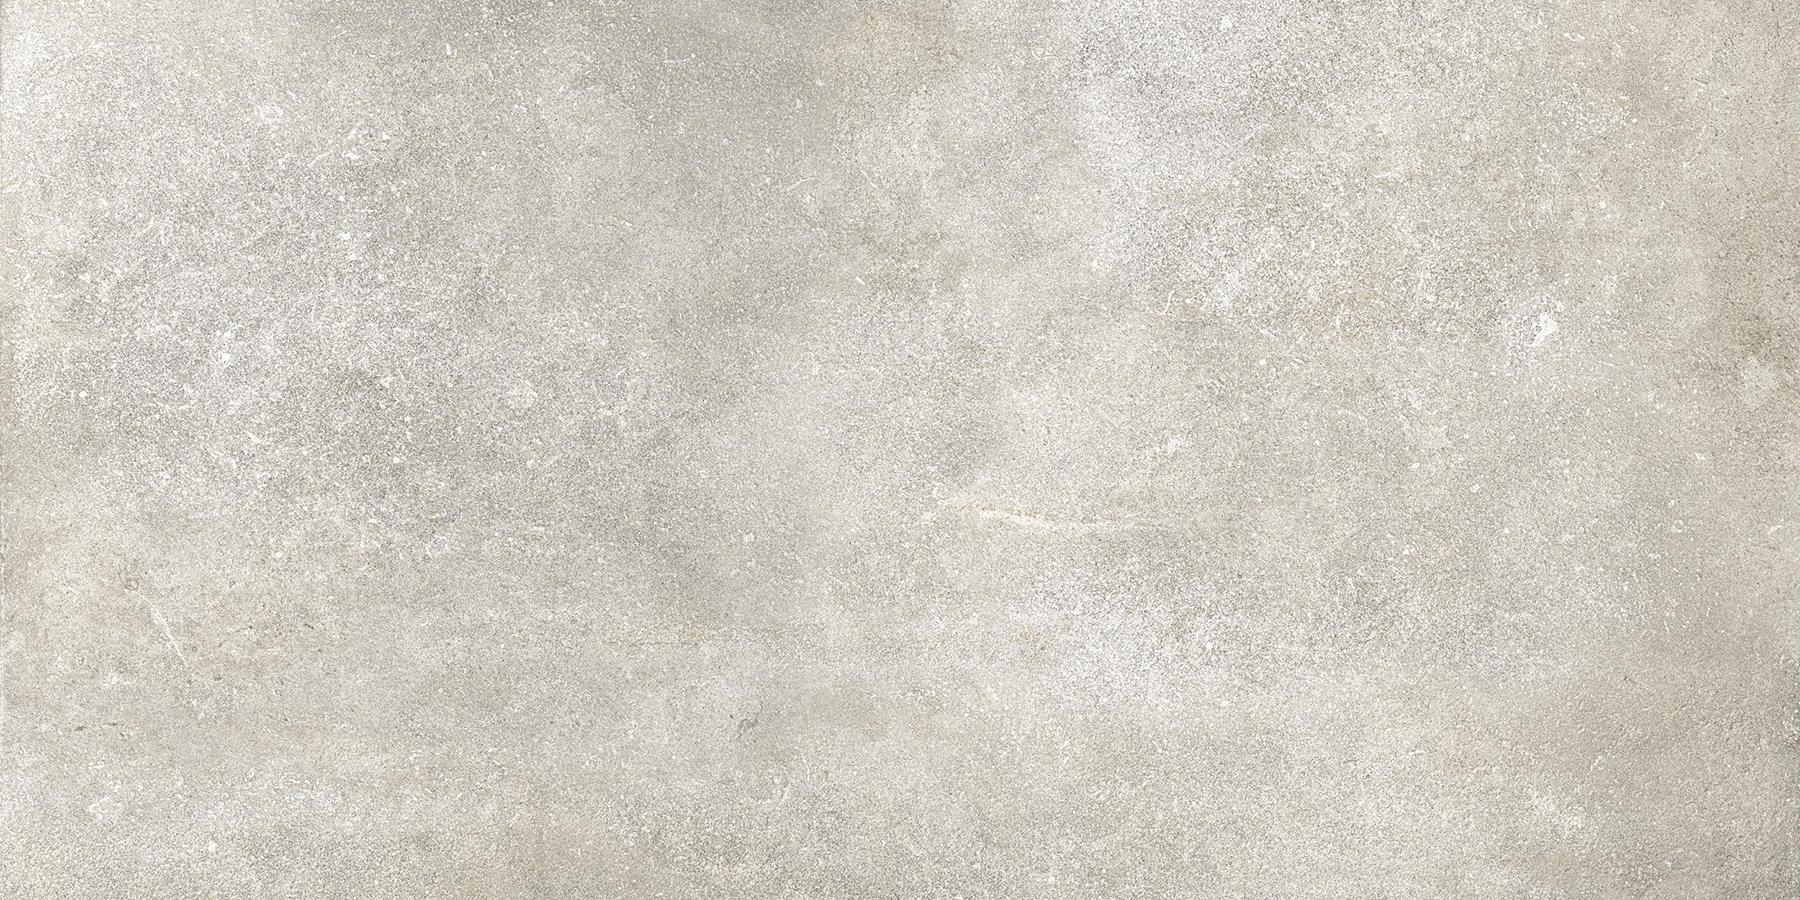 DEL CONCA Anversa HAV201 scav01r Terrassenplatte 60x120 matt